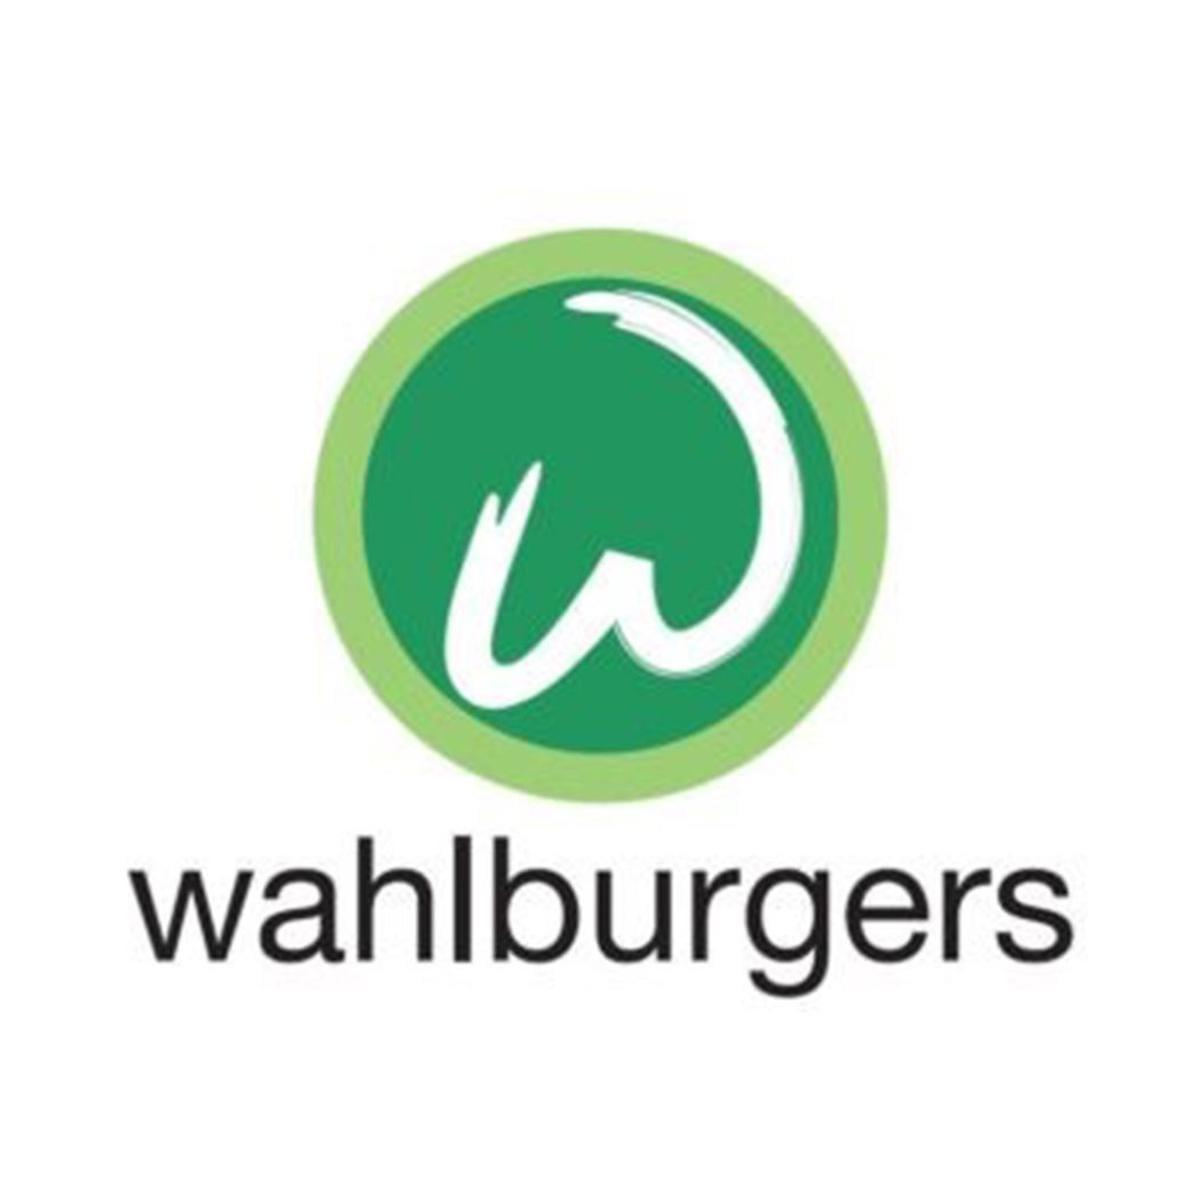 Wahlburgers Sweet Deal